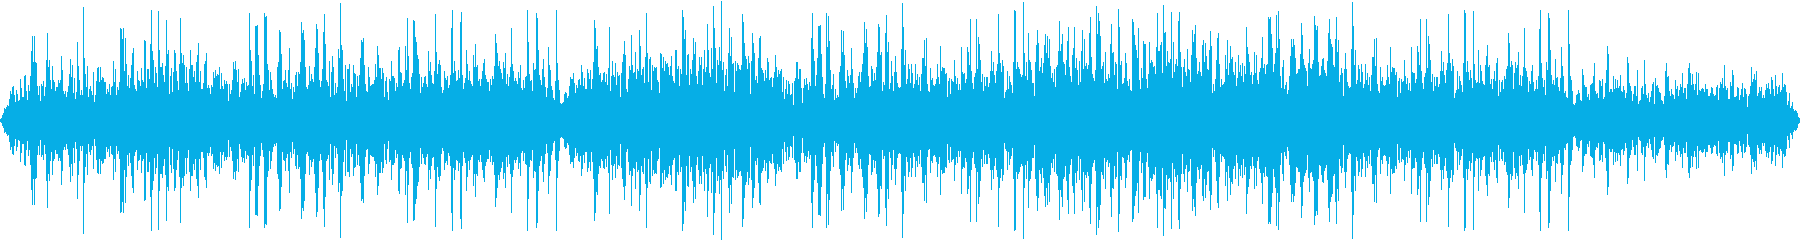 【雷/電気系】帯電03の再生済みの波形